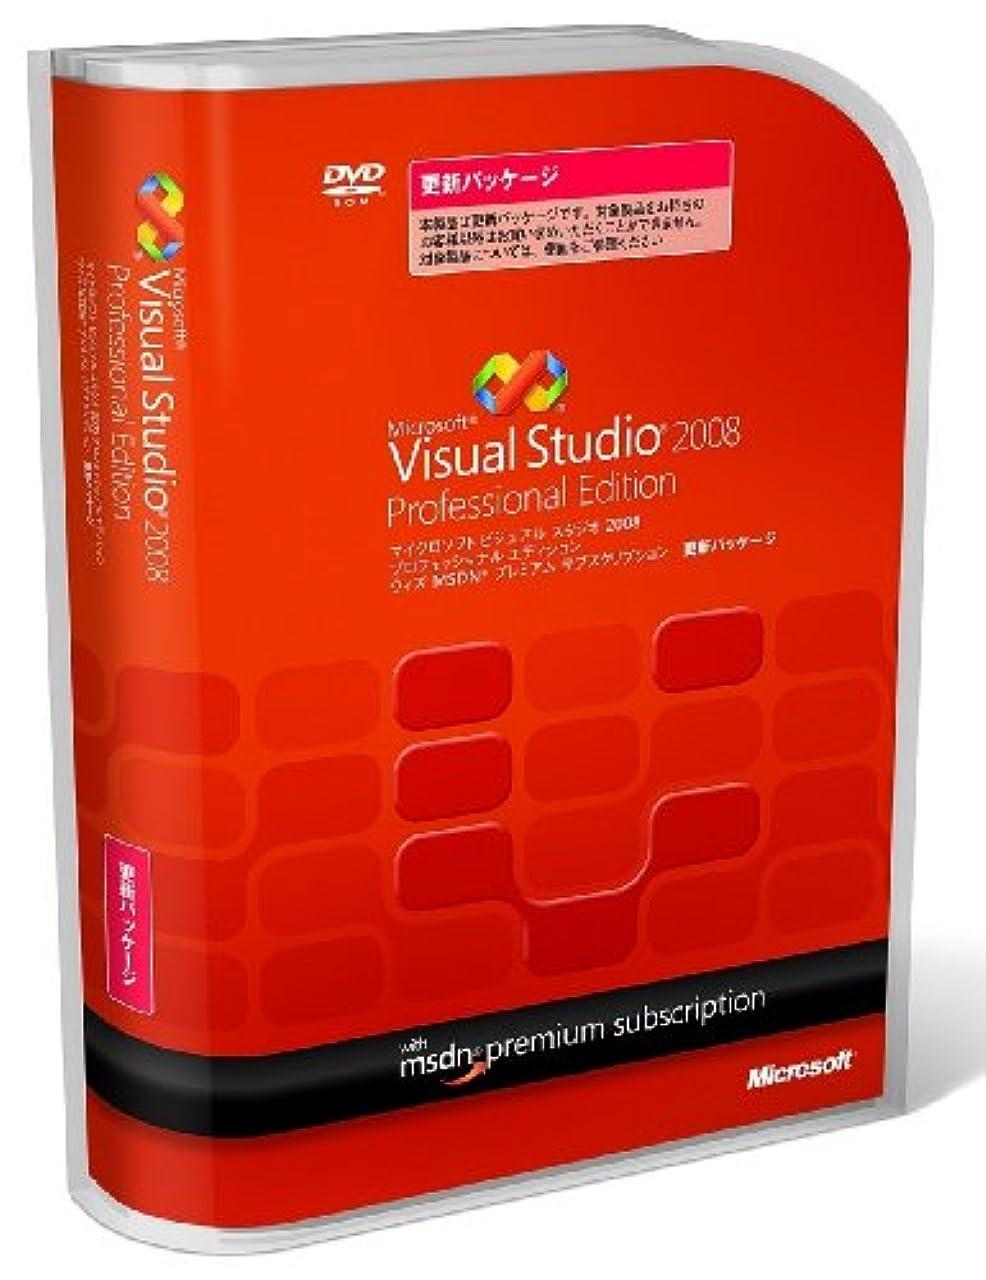 高原憂鬱着飾るVisual Studio 2008 Professional Edition with MSDN Premium Subscription 更新パッケージ